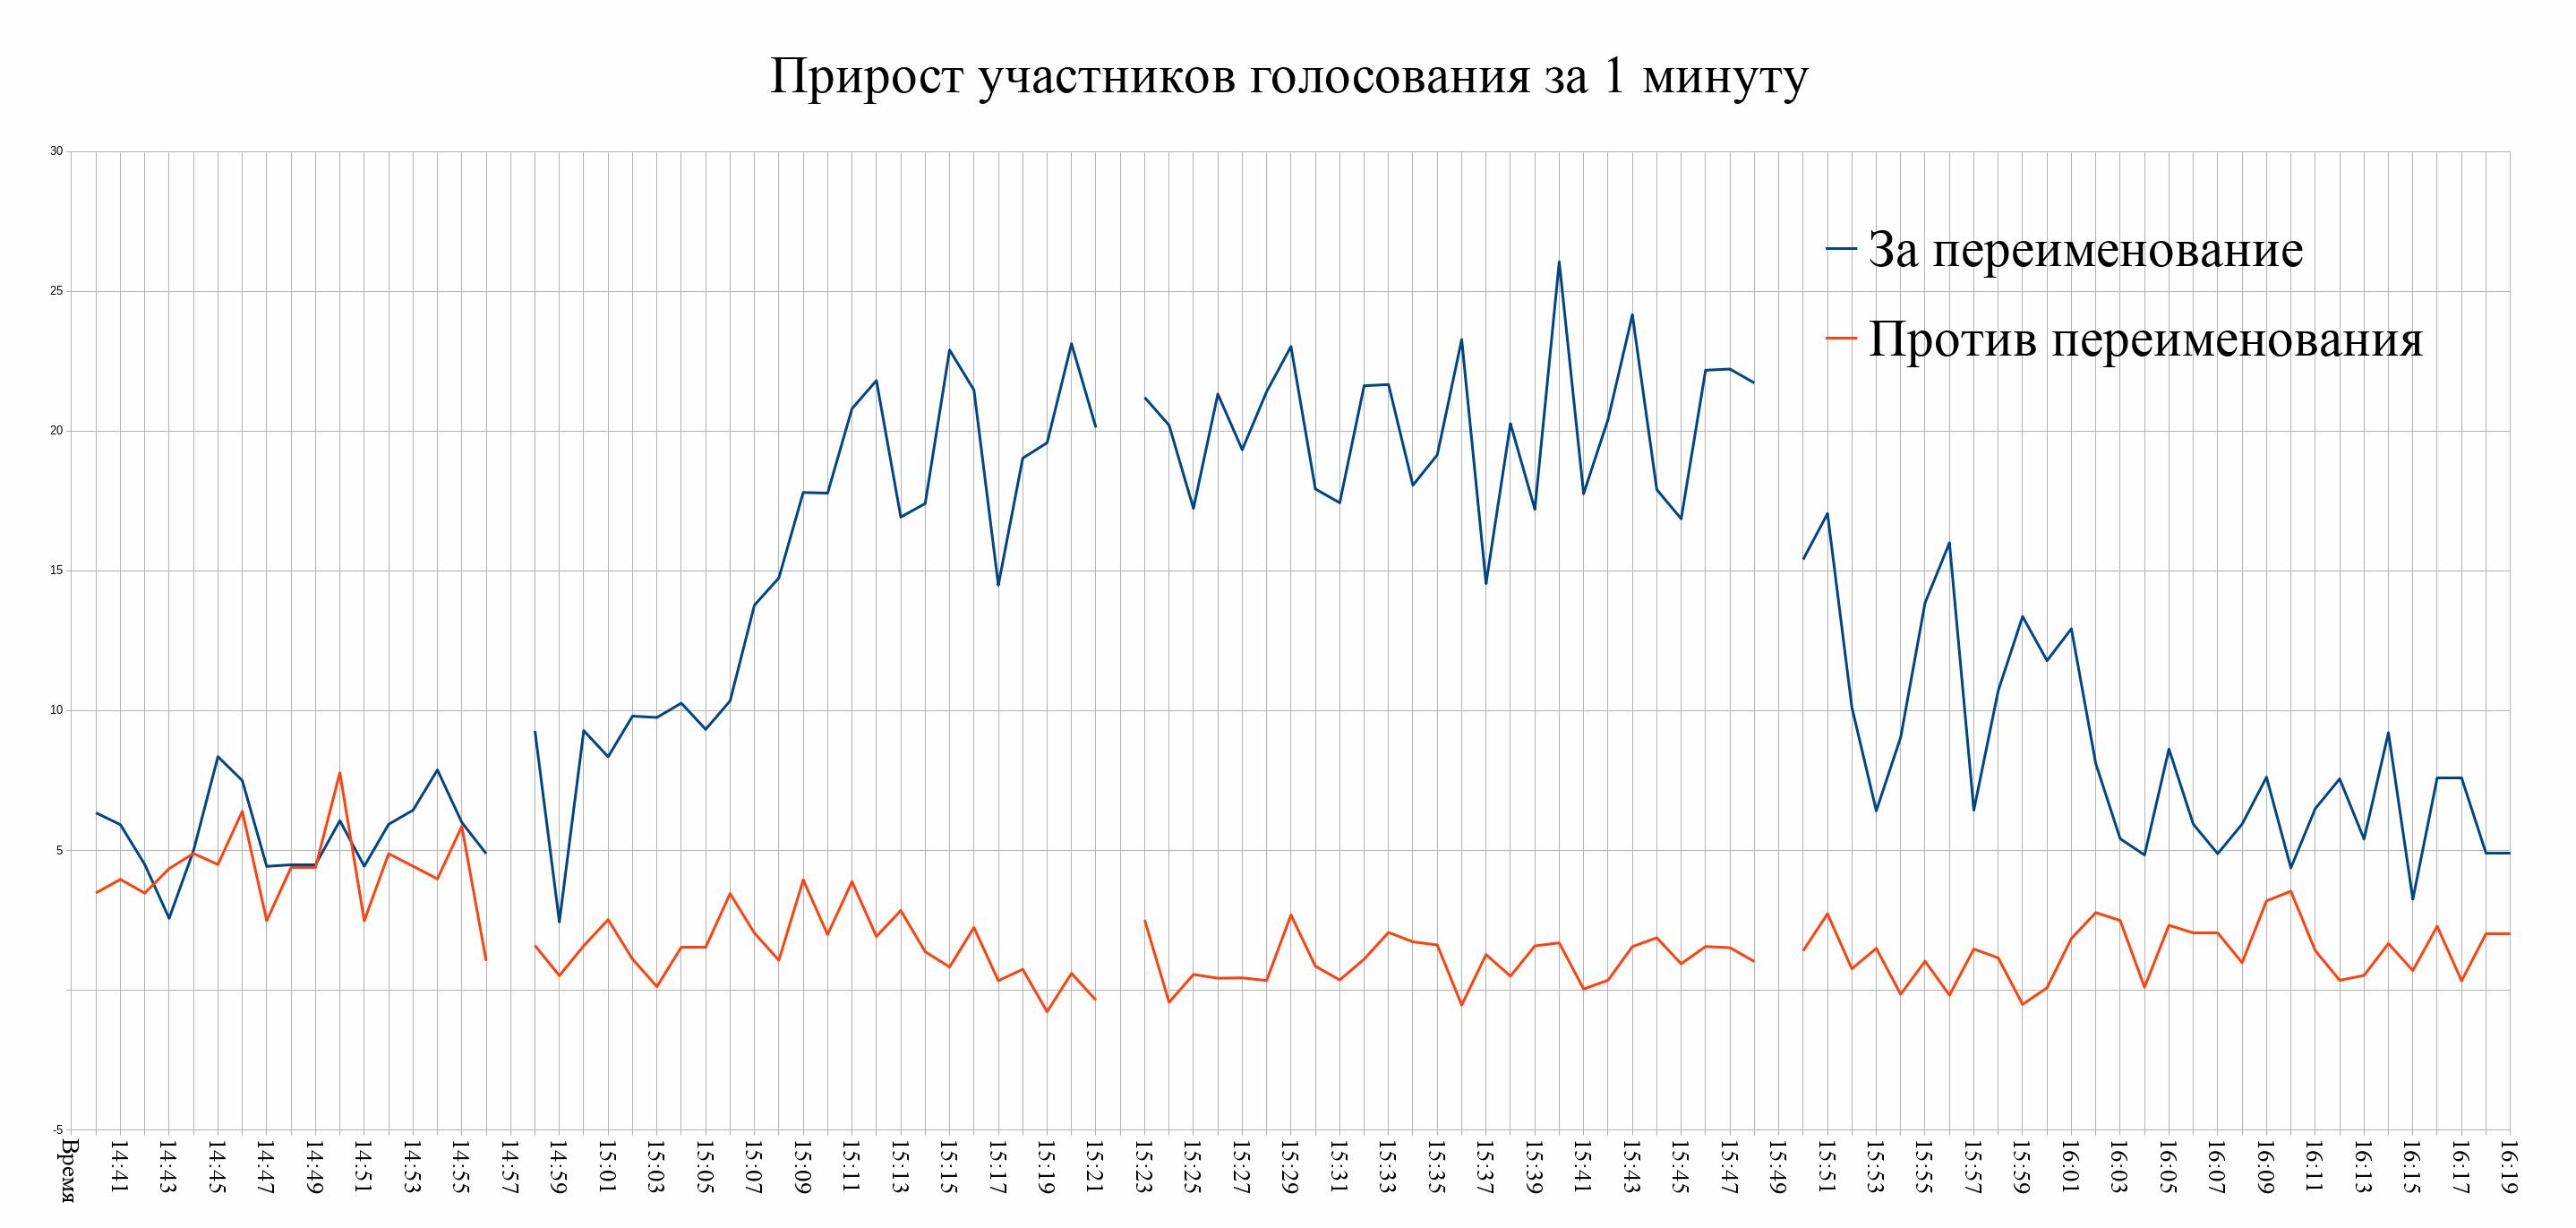 20200328_21-03-На десоветизаторском голосовании в Новосибирске зафиксирован вброс-pic2